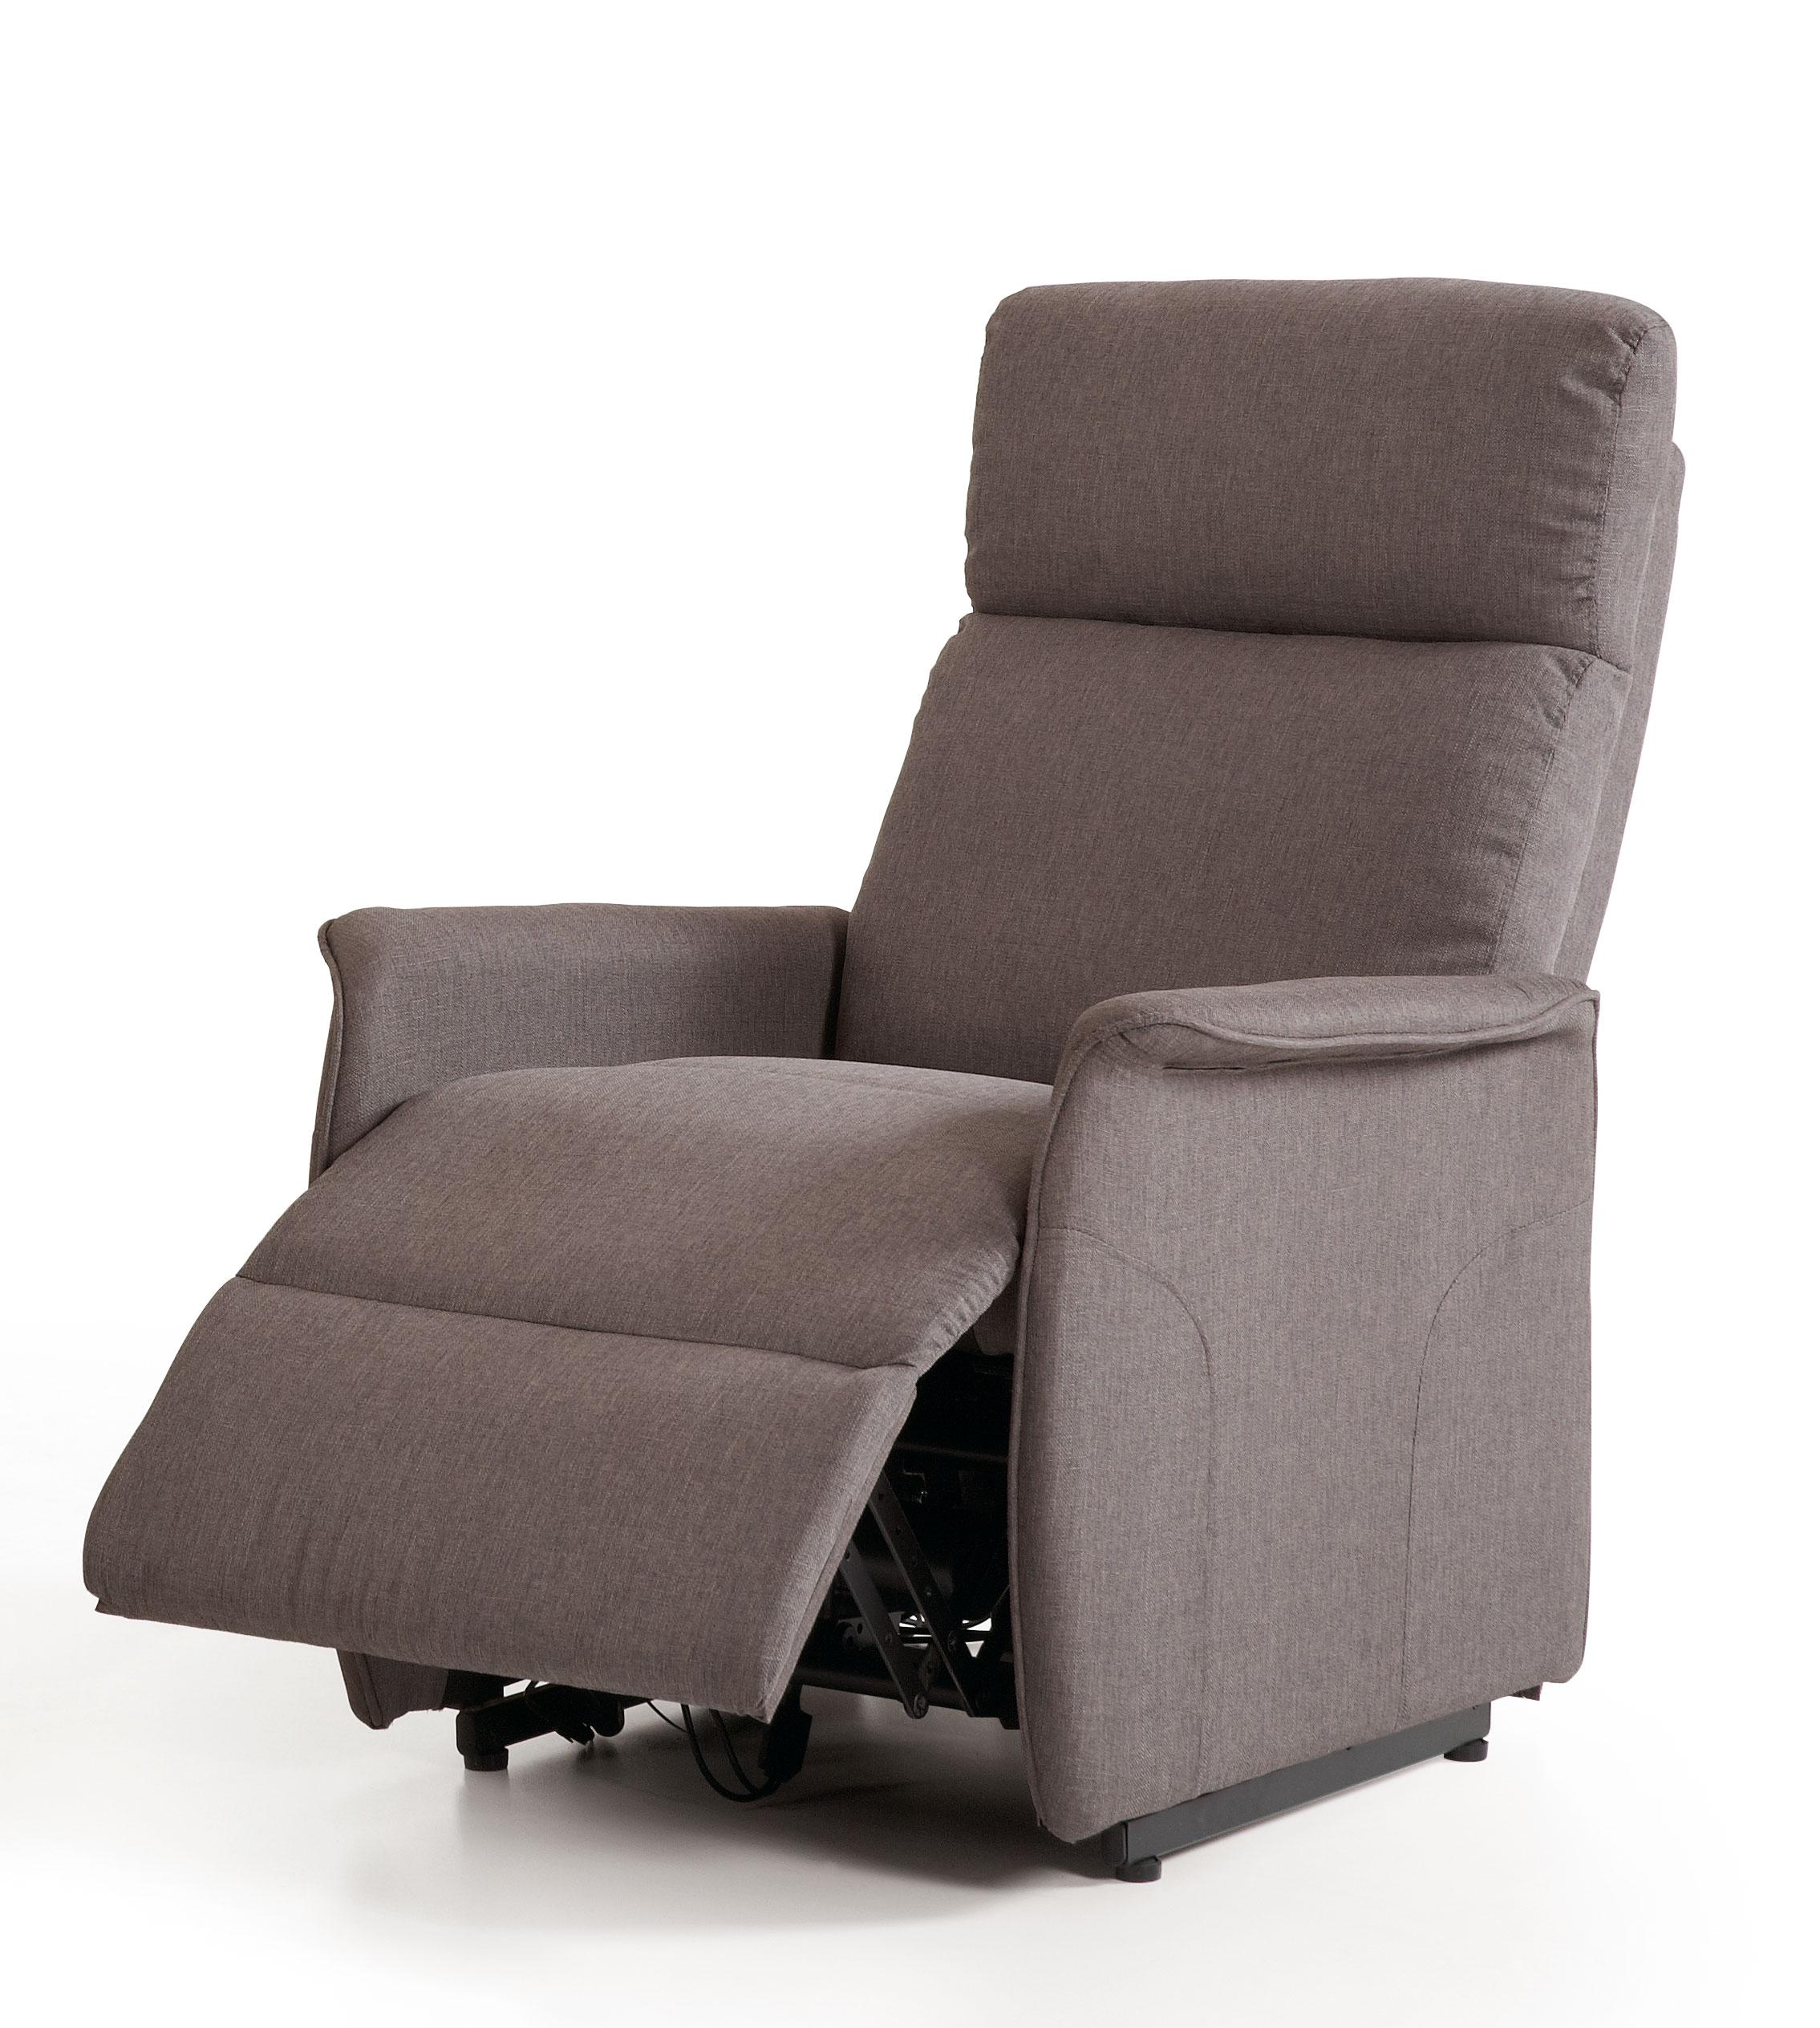 Fauteuil de relaxation électrique avec releveur en tissu gris Clara